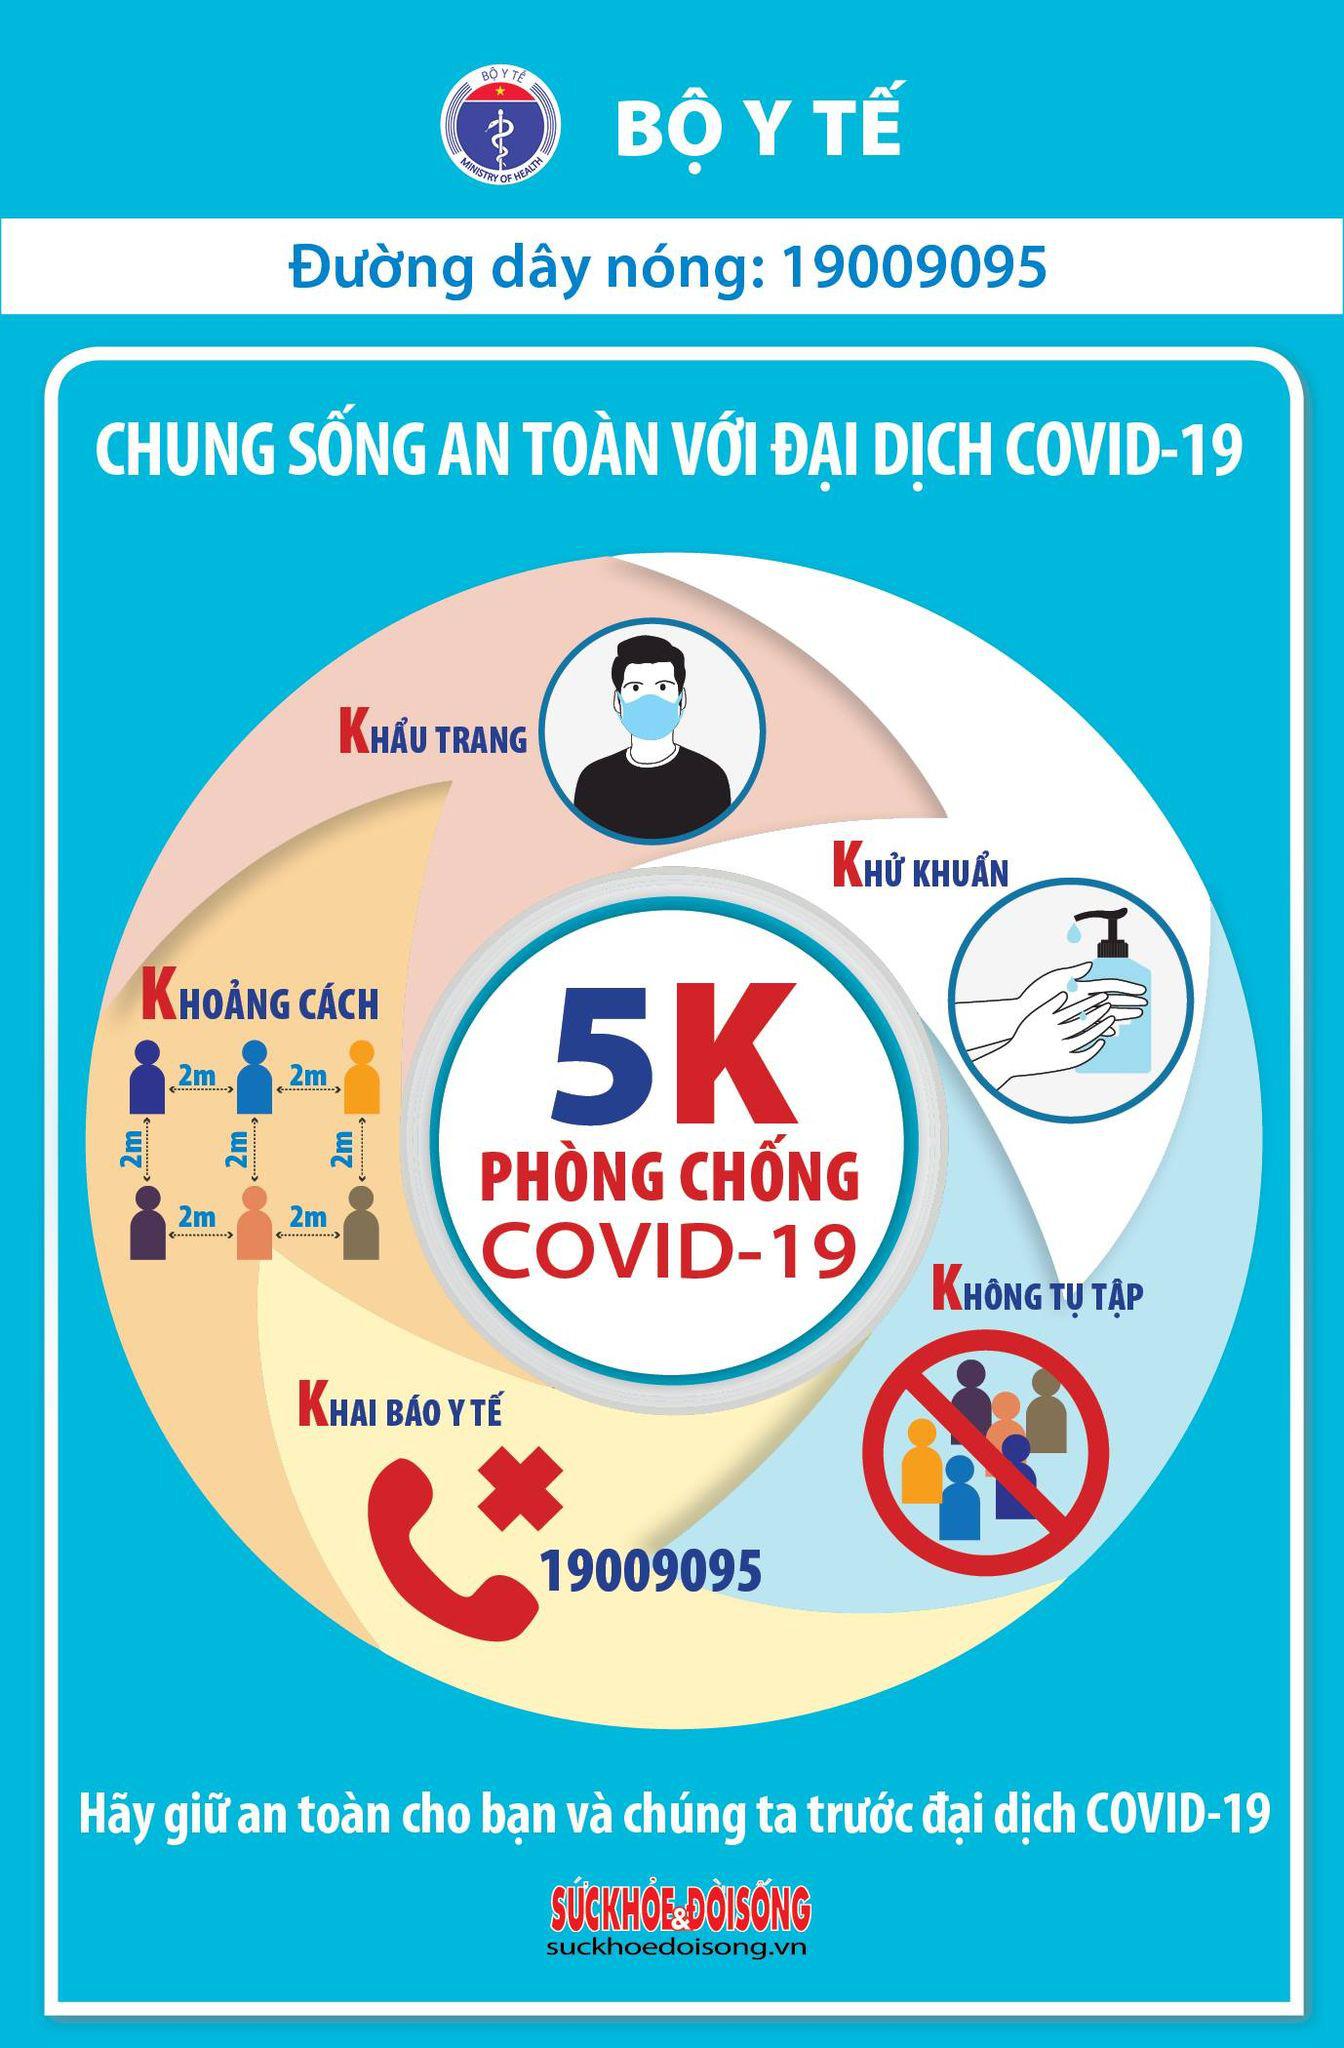 Sáng 29 Tết, Việt Nam có 1 ca mắc COVID-19 trong cộng đồng, gần 100.000 người cách ly chống dịch - Ảnh 3.